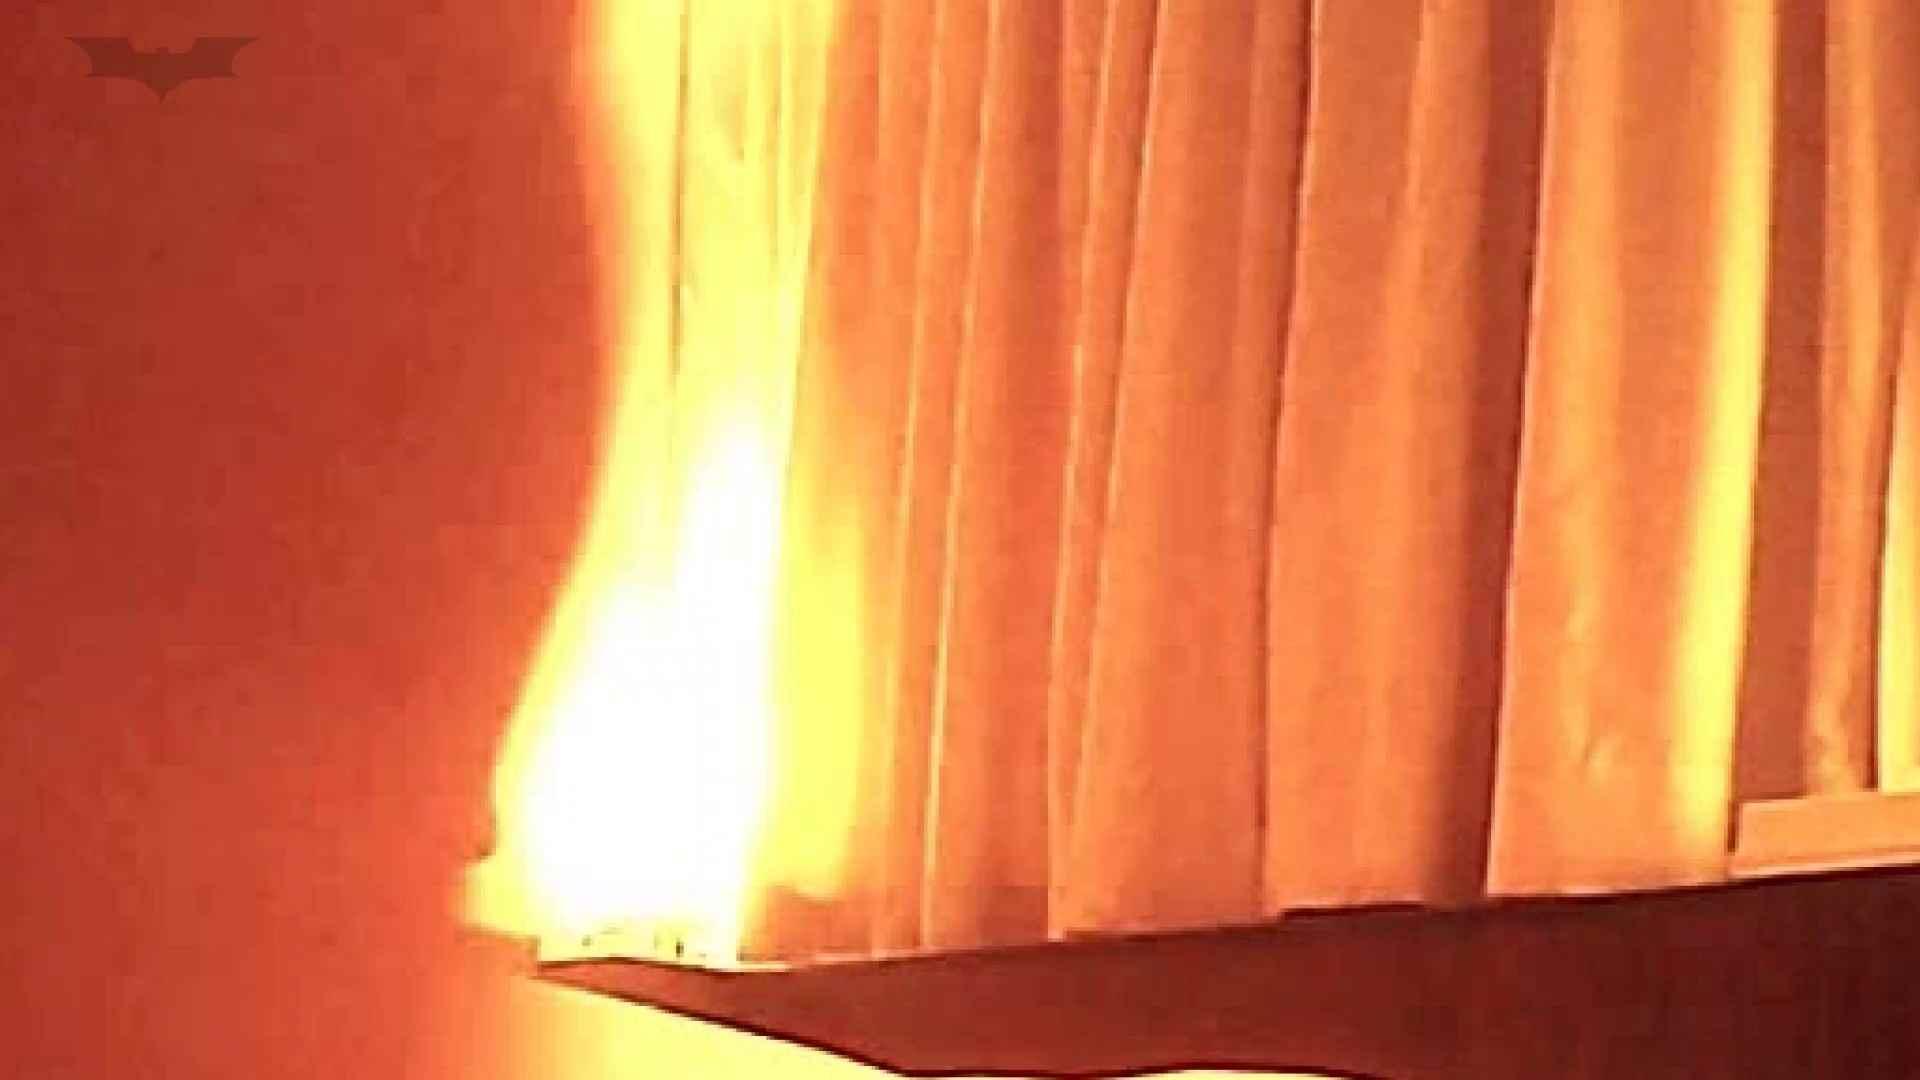 かわいいアニメ声で「イクっっ」 芸術大1年 か●ちゃん Vol.09 SEX編 OLの実態 | SEX本番  85pic 49